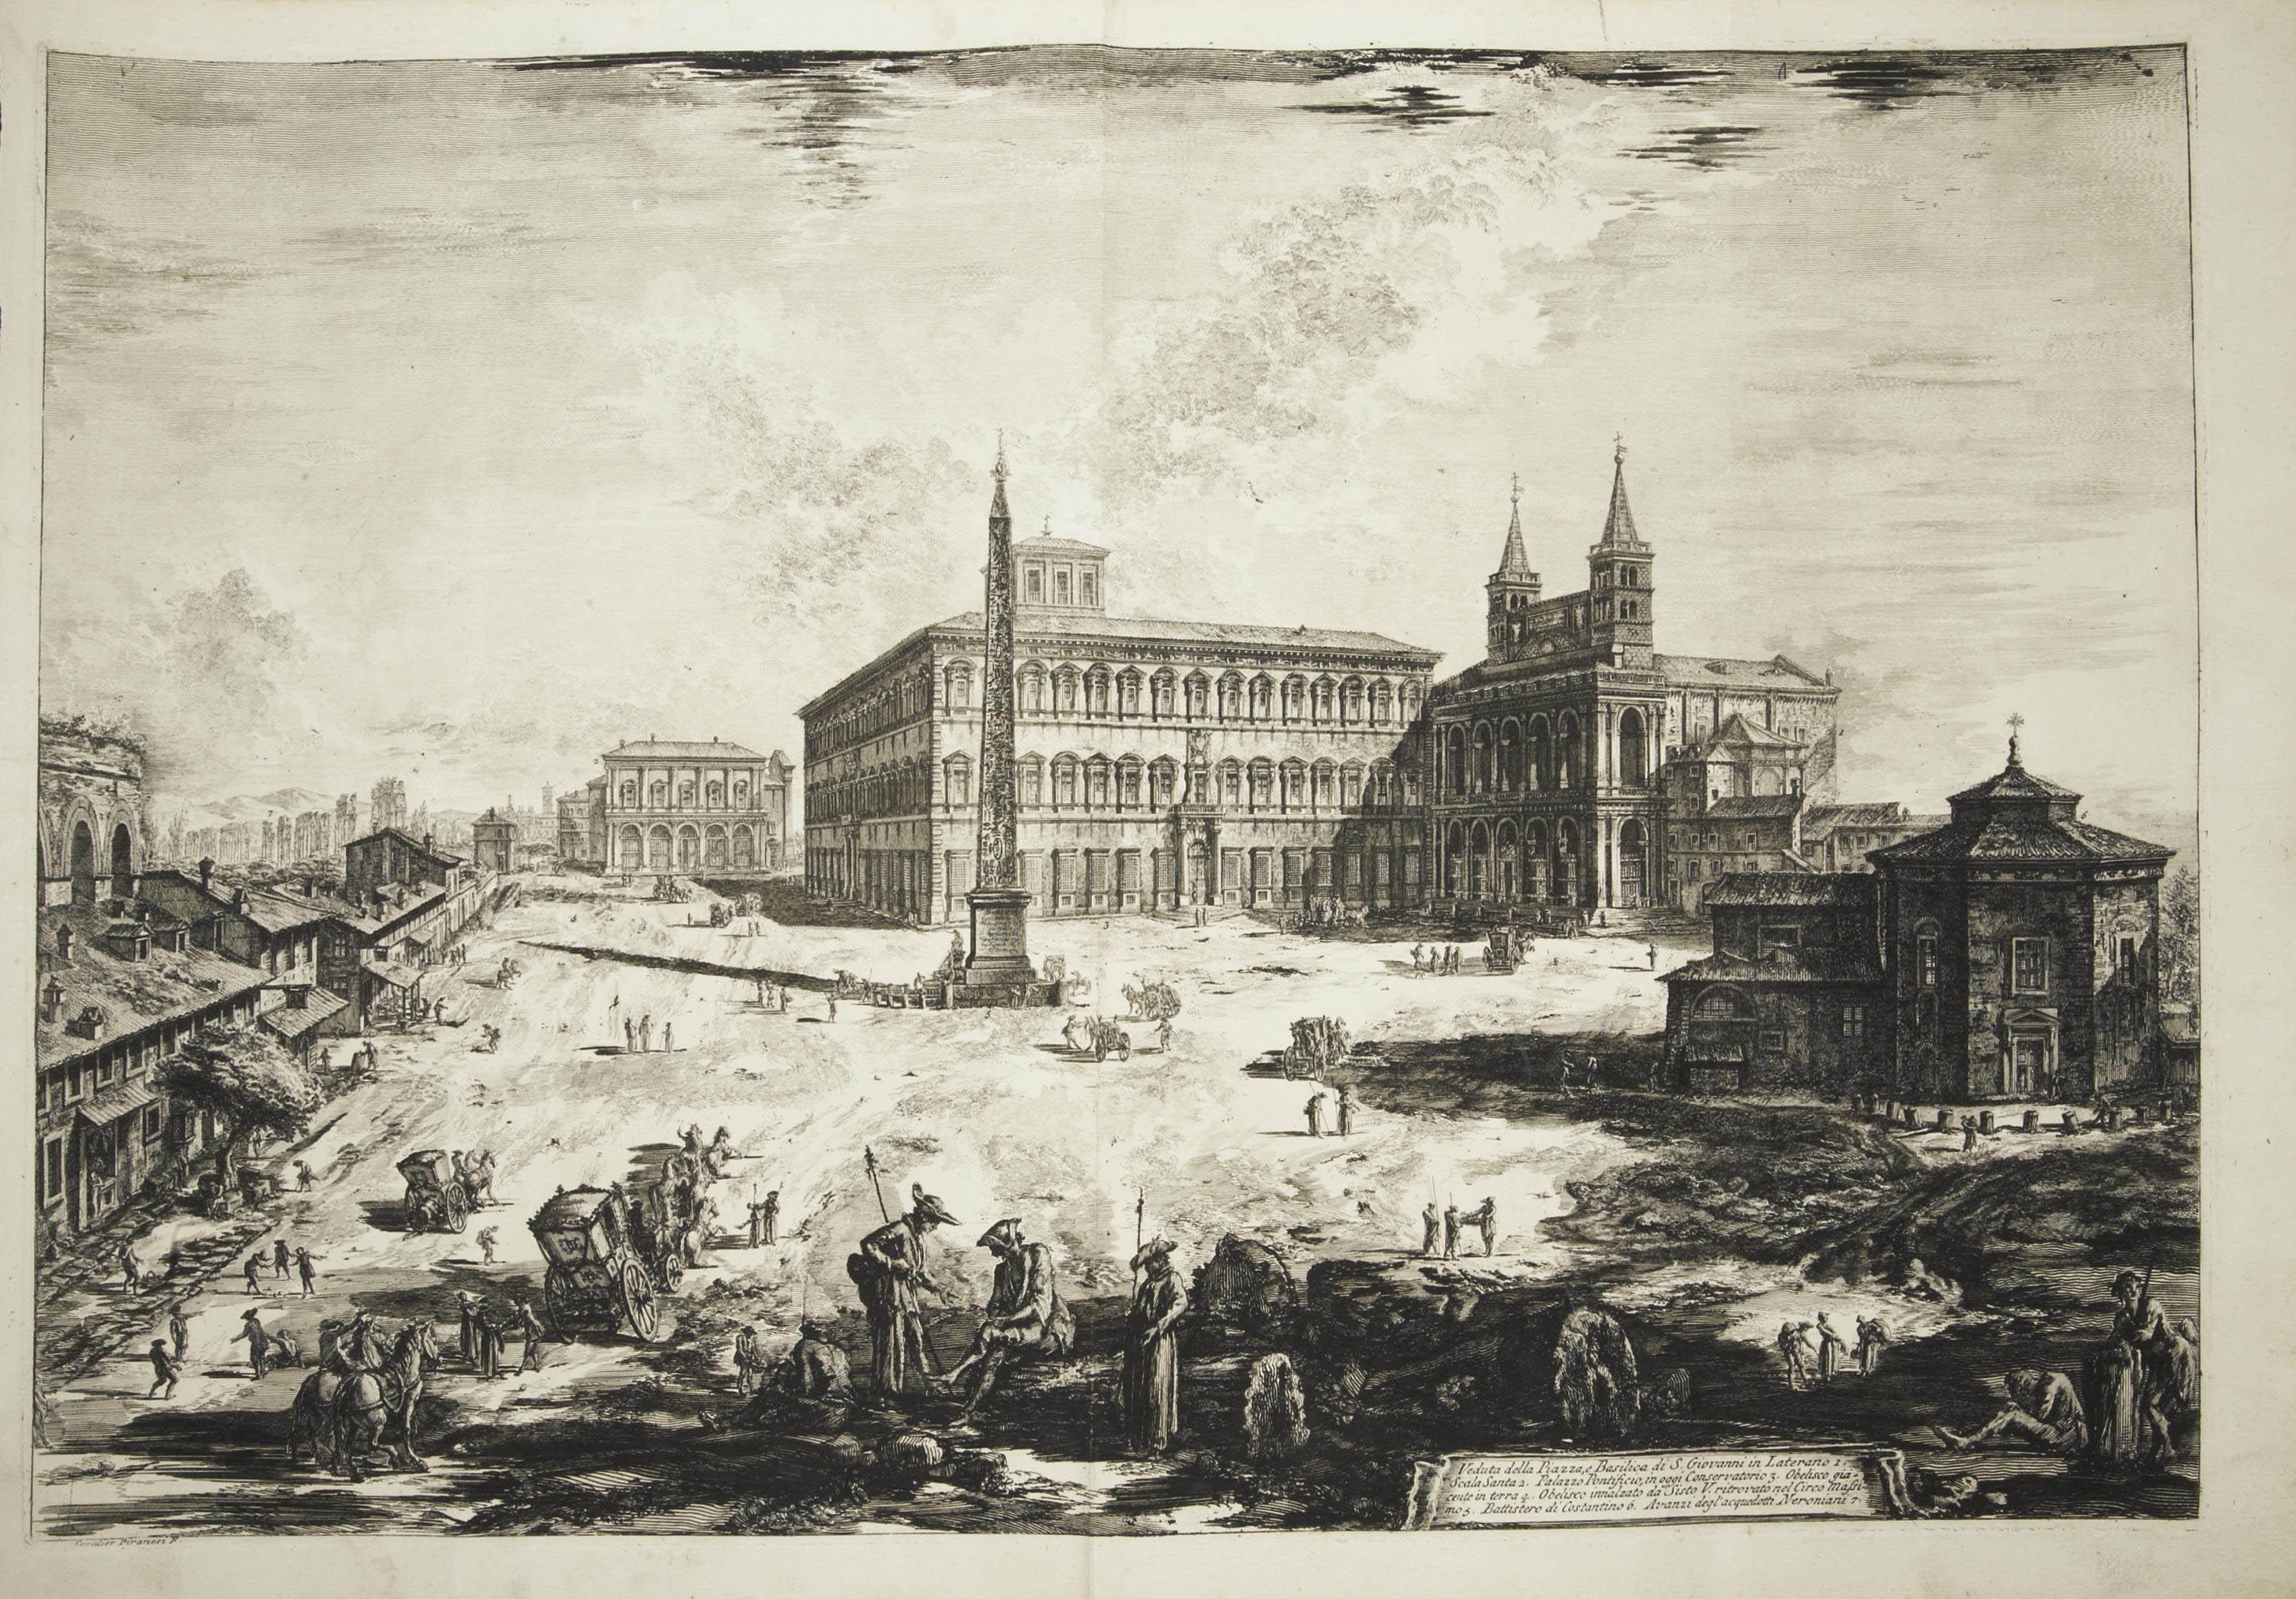 PIRANÈSE, Giovanni Battista (1720-1778). Collection de 6 planches provenant de la suite des Vedute di Roma. Rome: 1757-1772. (Traces de pliures.)